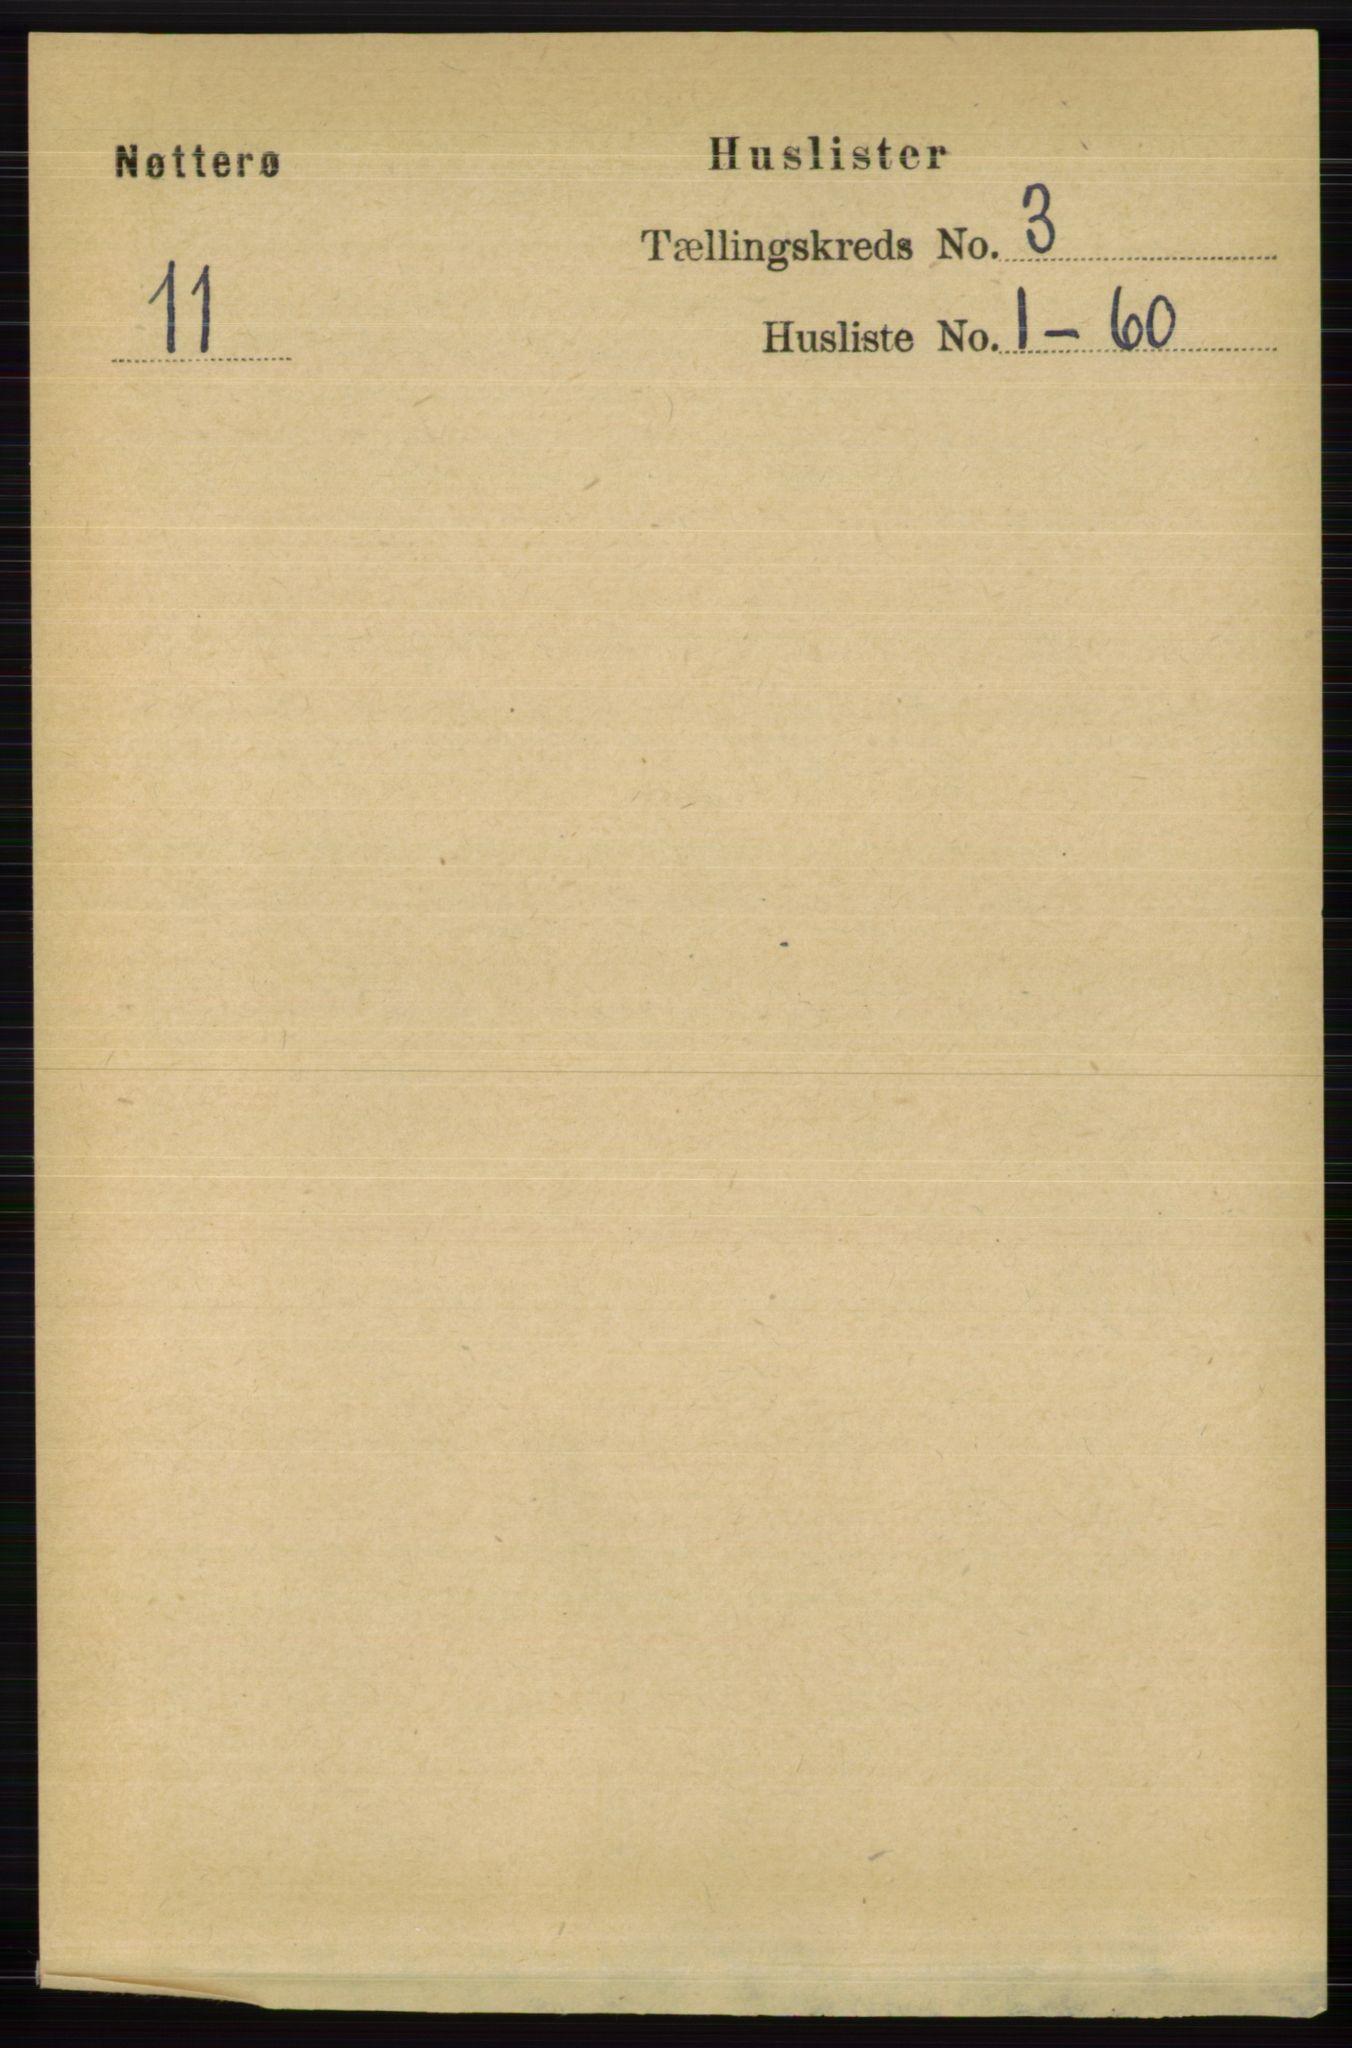 RA, Folketelling 1891 for 0722 Nøtterøy herred, 1891, s. 1479